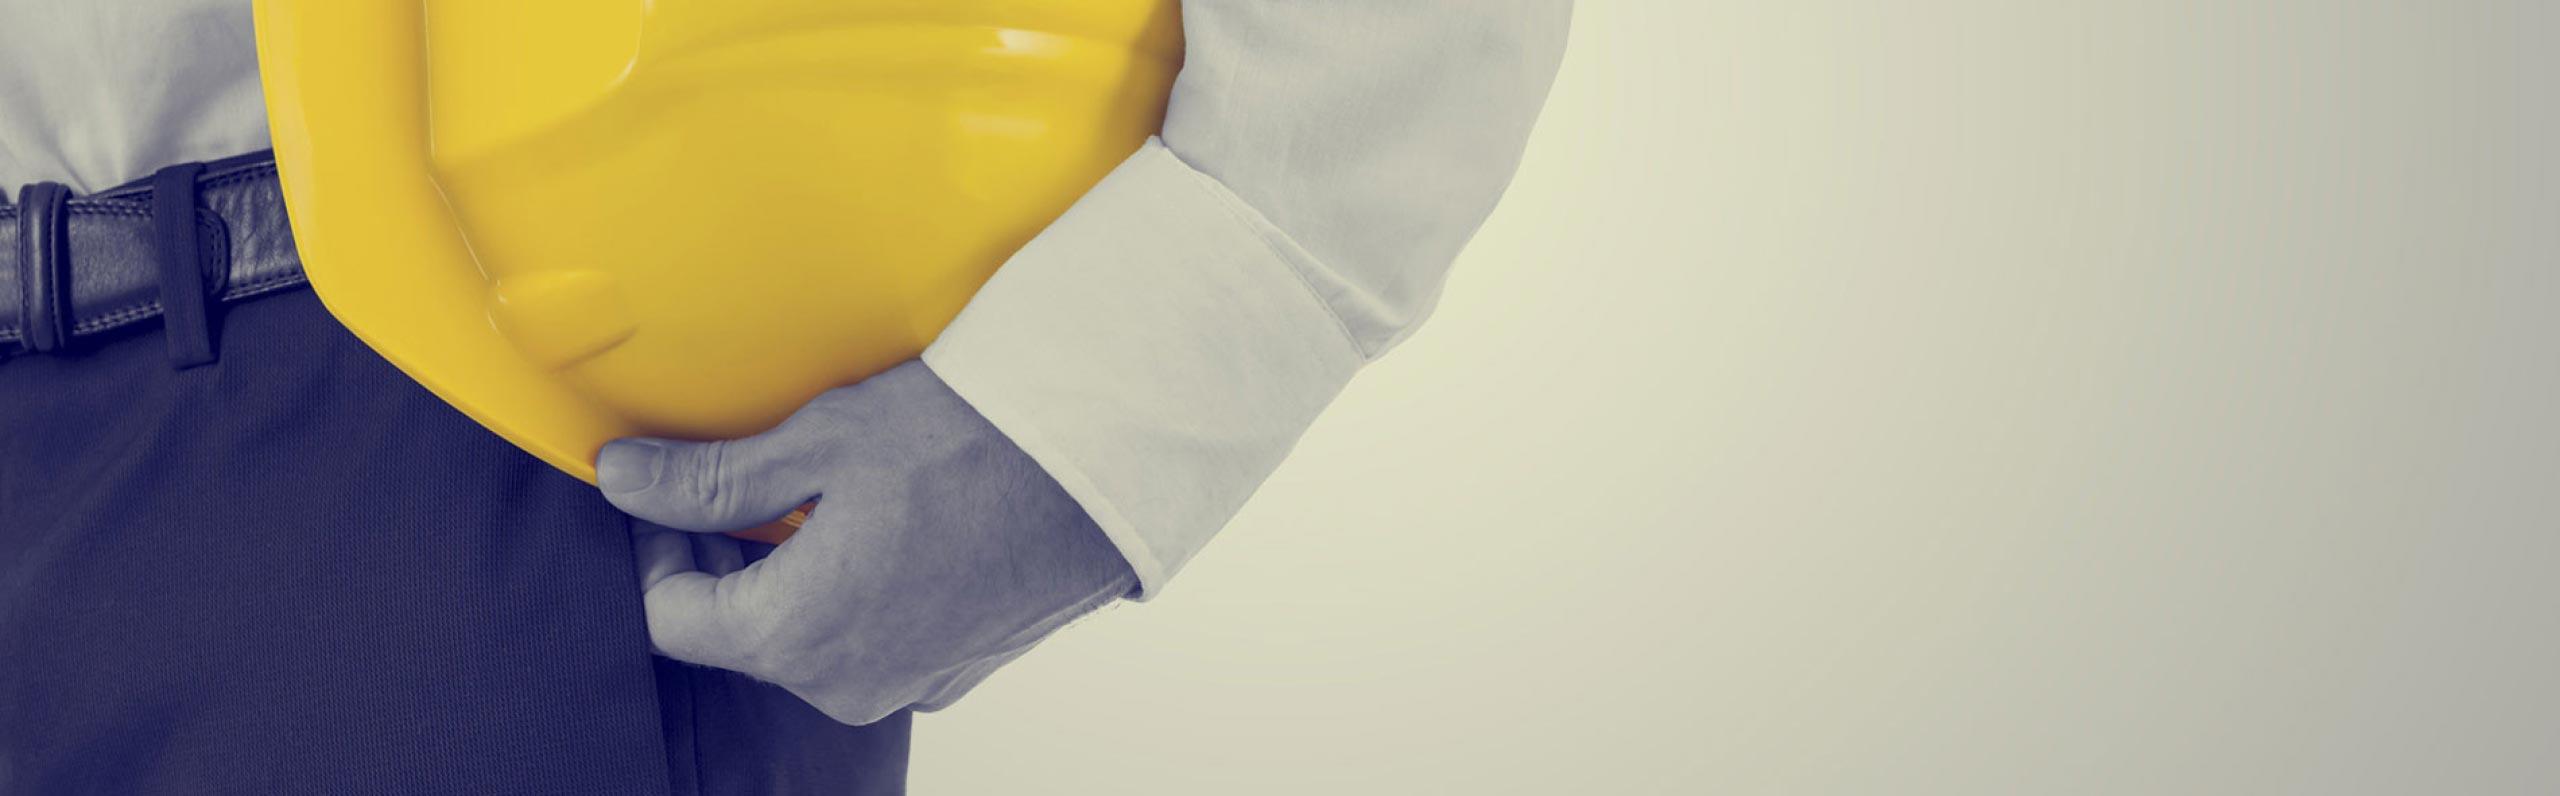 corsi ABF sulla sicurezza in azienda